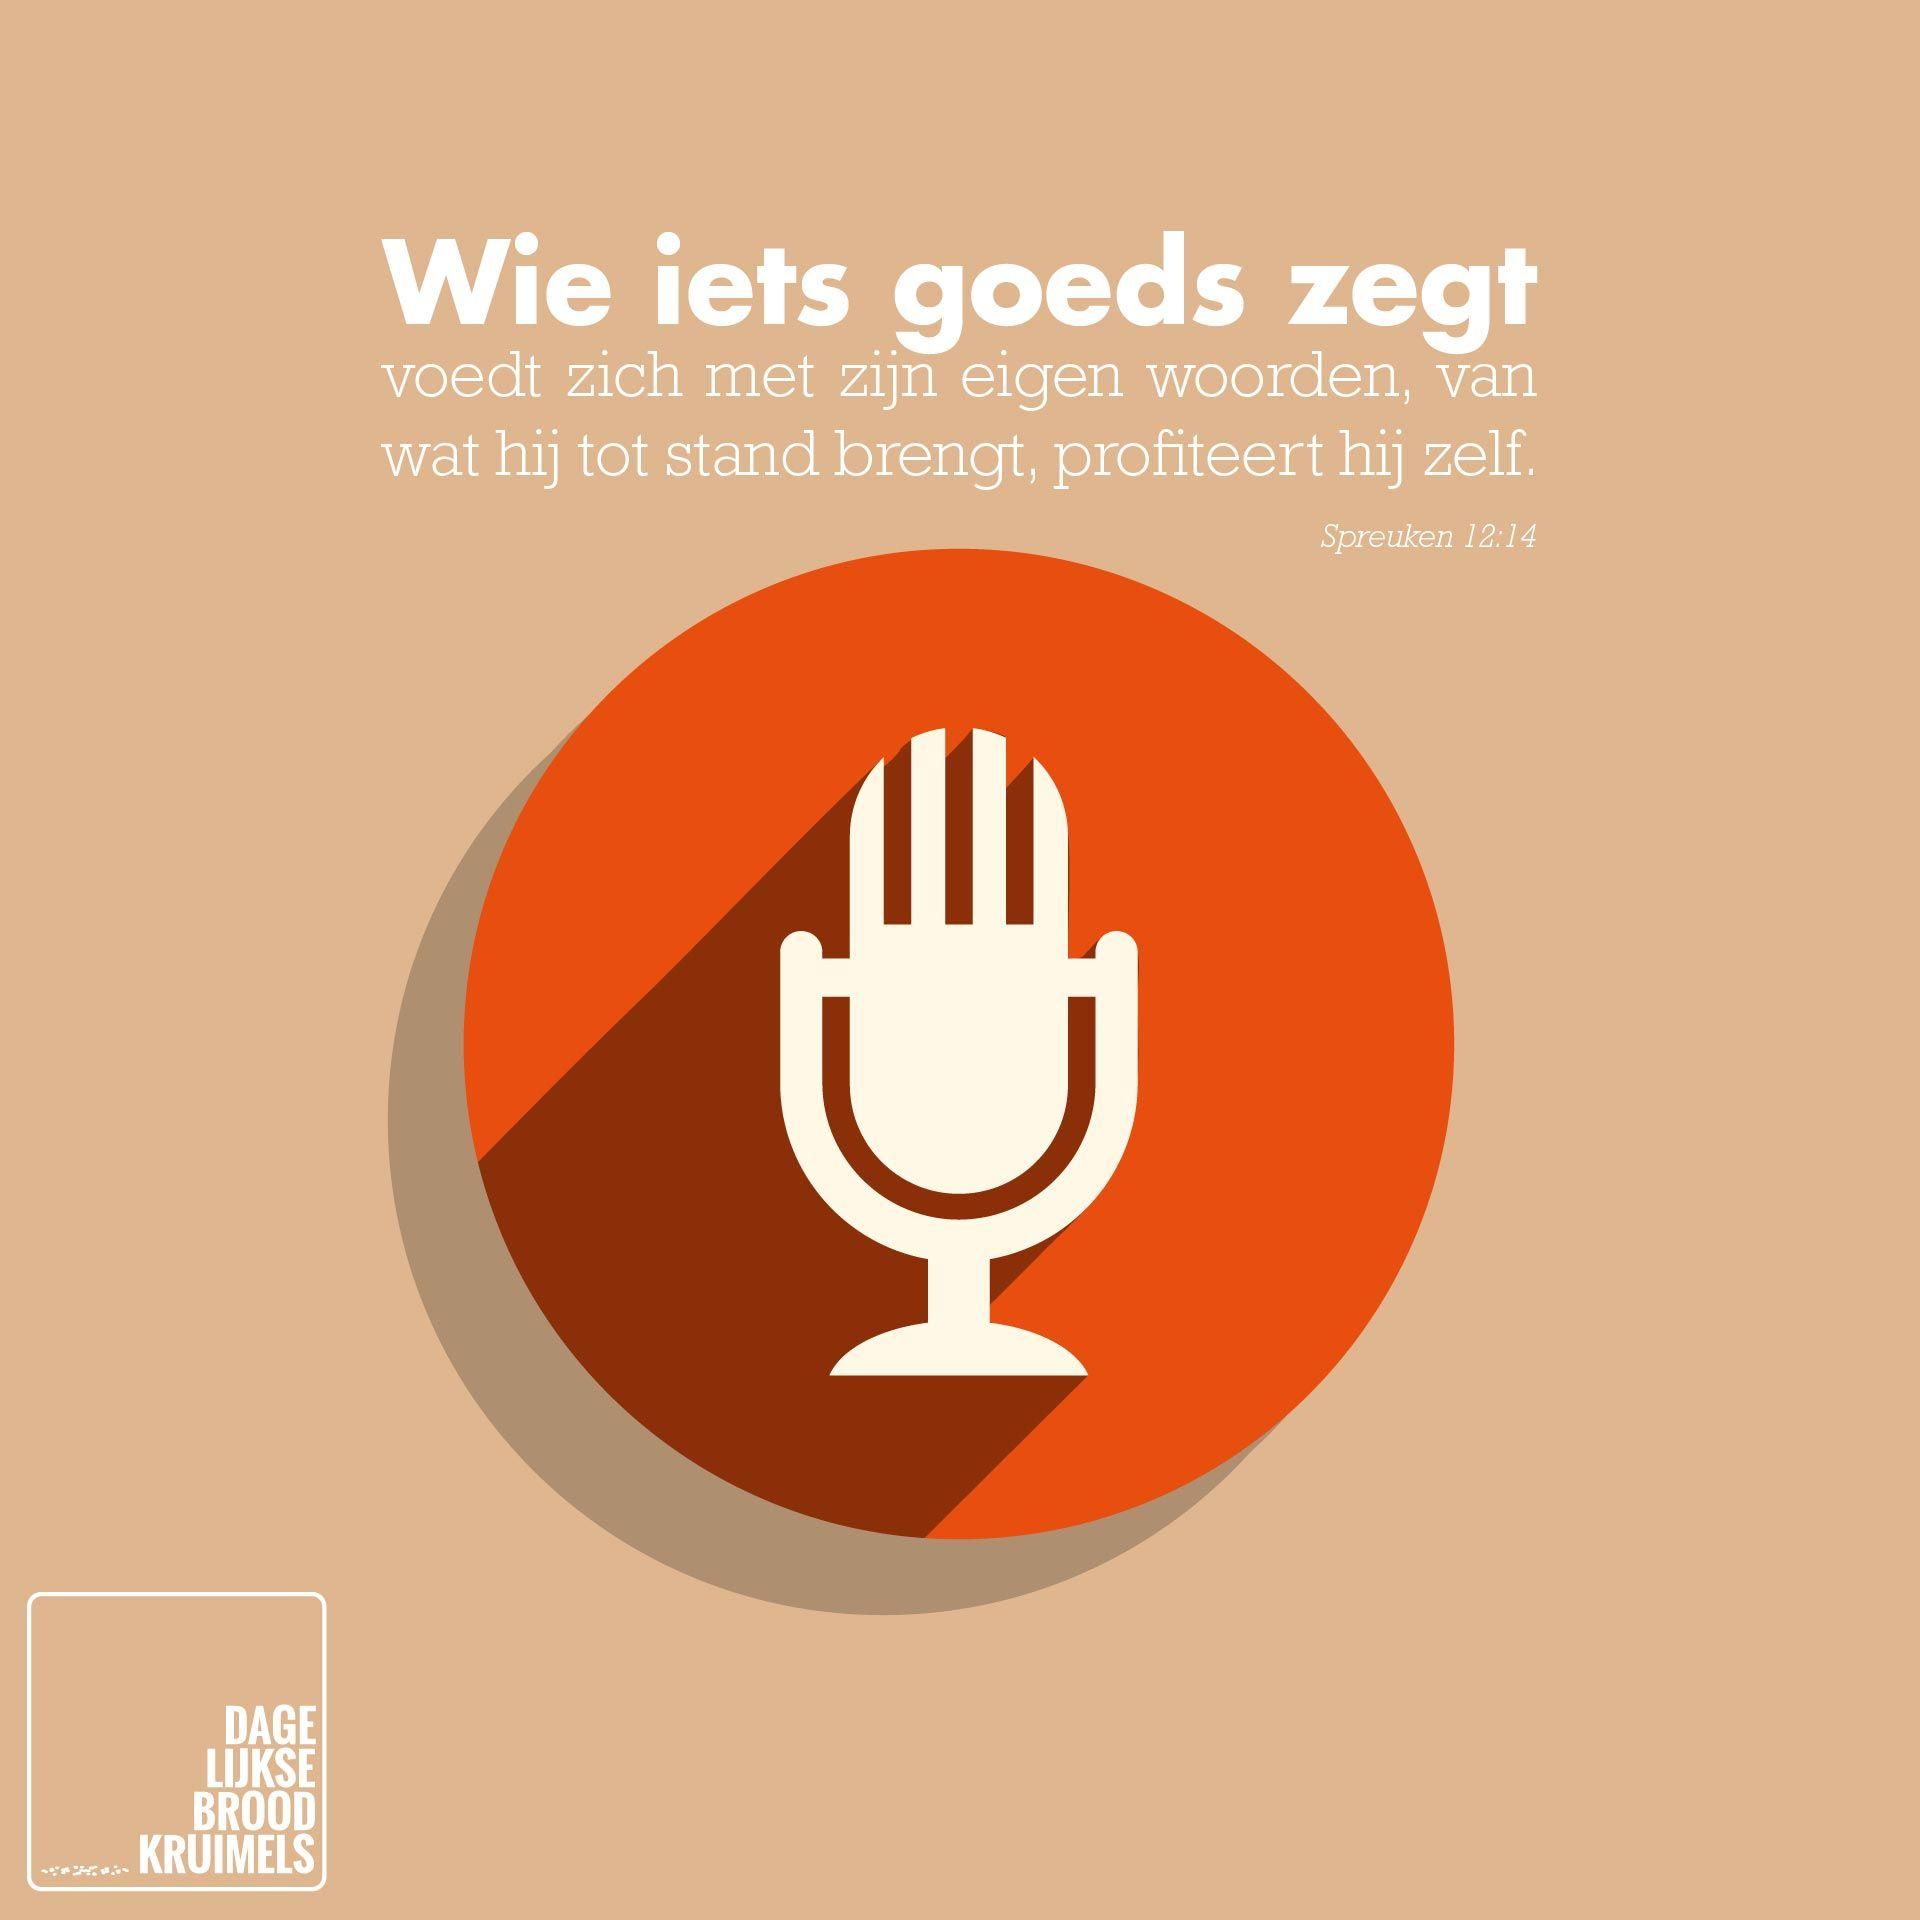 Wie iets goeds zegt, voedt zich met zijn eigen woorden, van wat hij tot stand brengt, profiteert hij zelf. Spreuken 12:14  #Spreken, #Woorden  http://www.dagelijksebroodkruimels.nl/quotes-bijbel/spreuken-12-14/